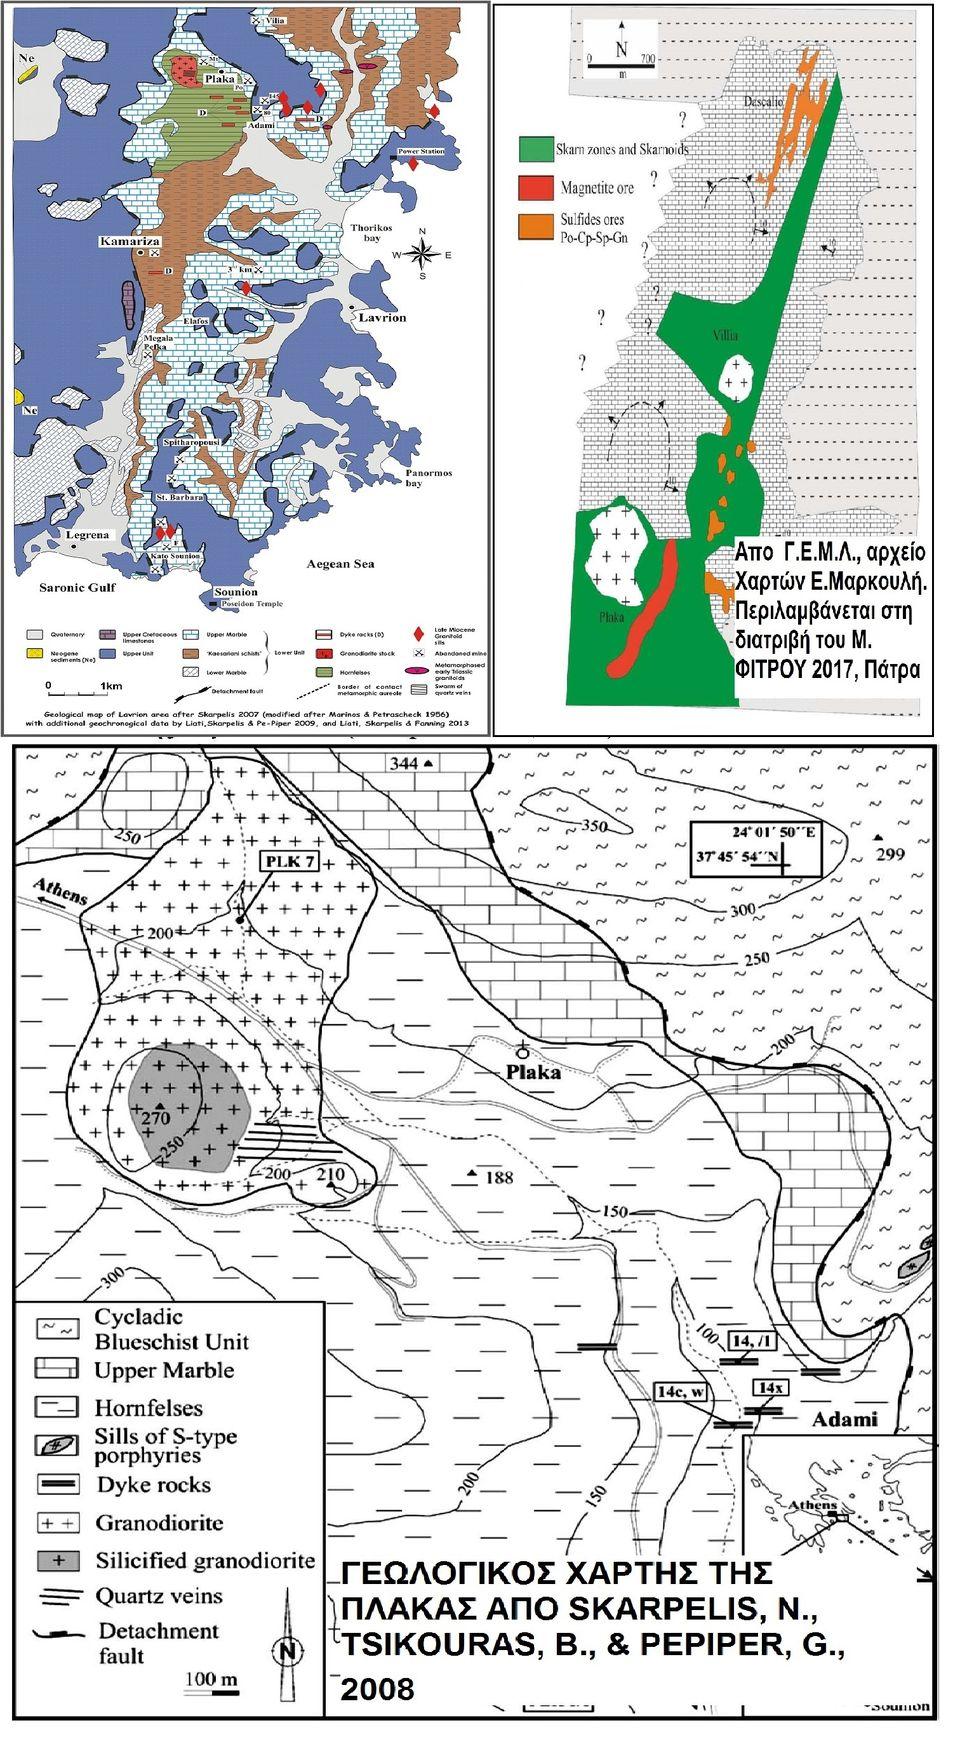 Φωτ.3 Γεωλογικοί χάρτες της περιοχής Πλάκας